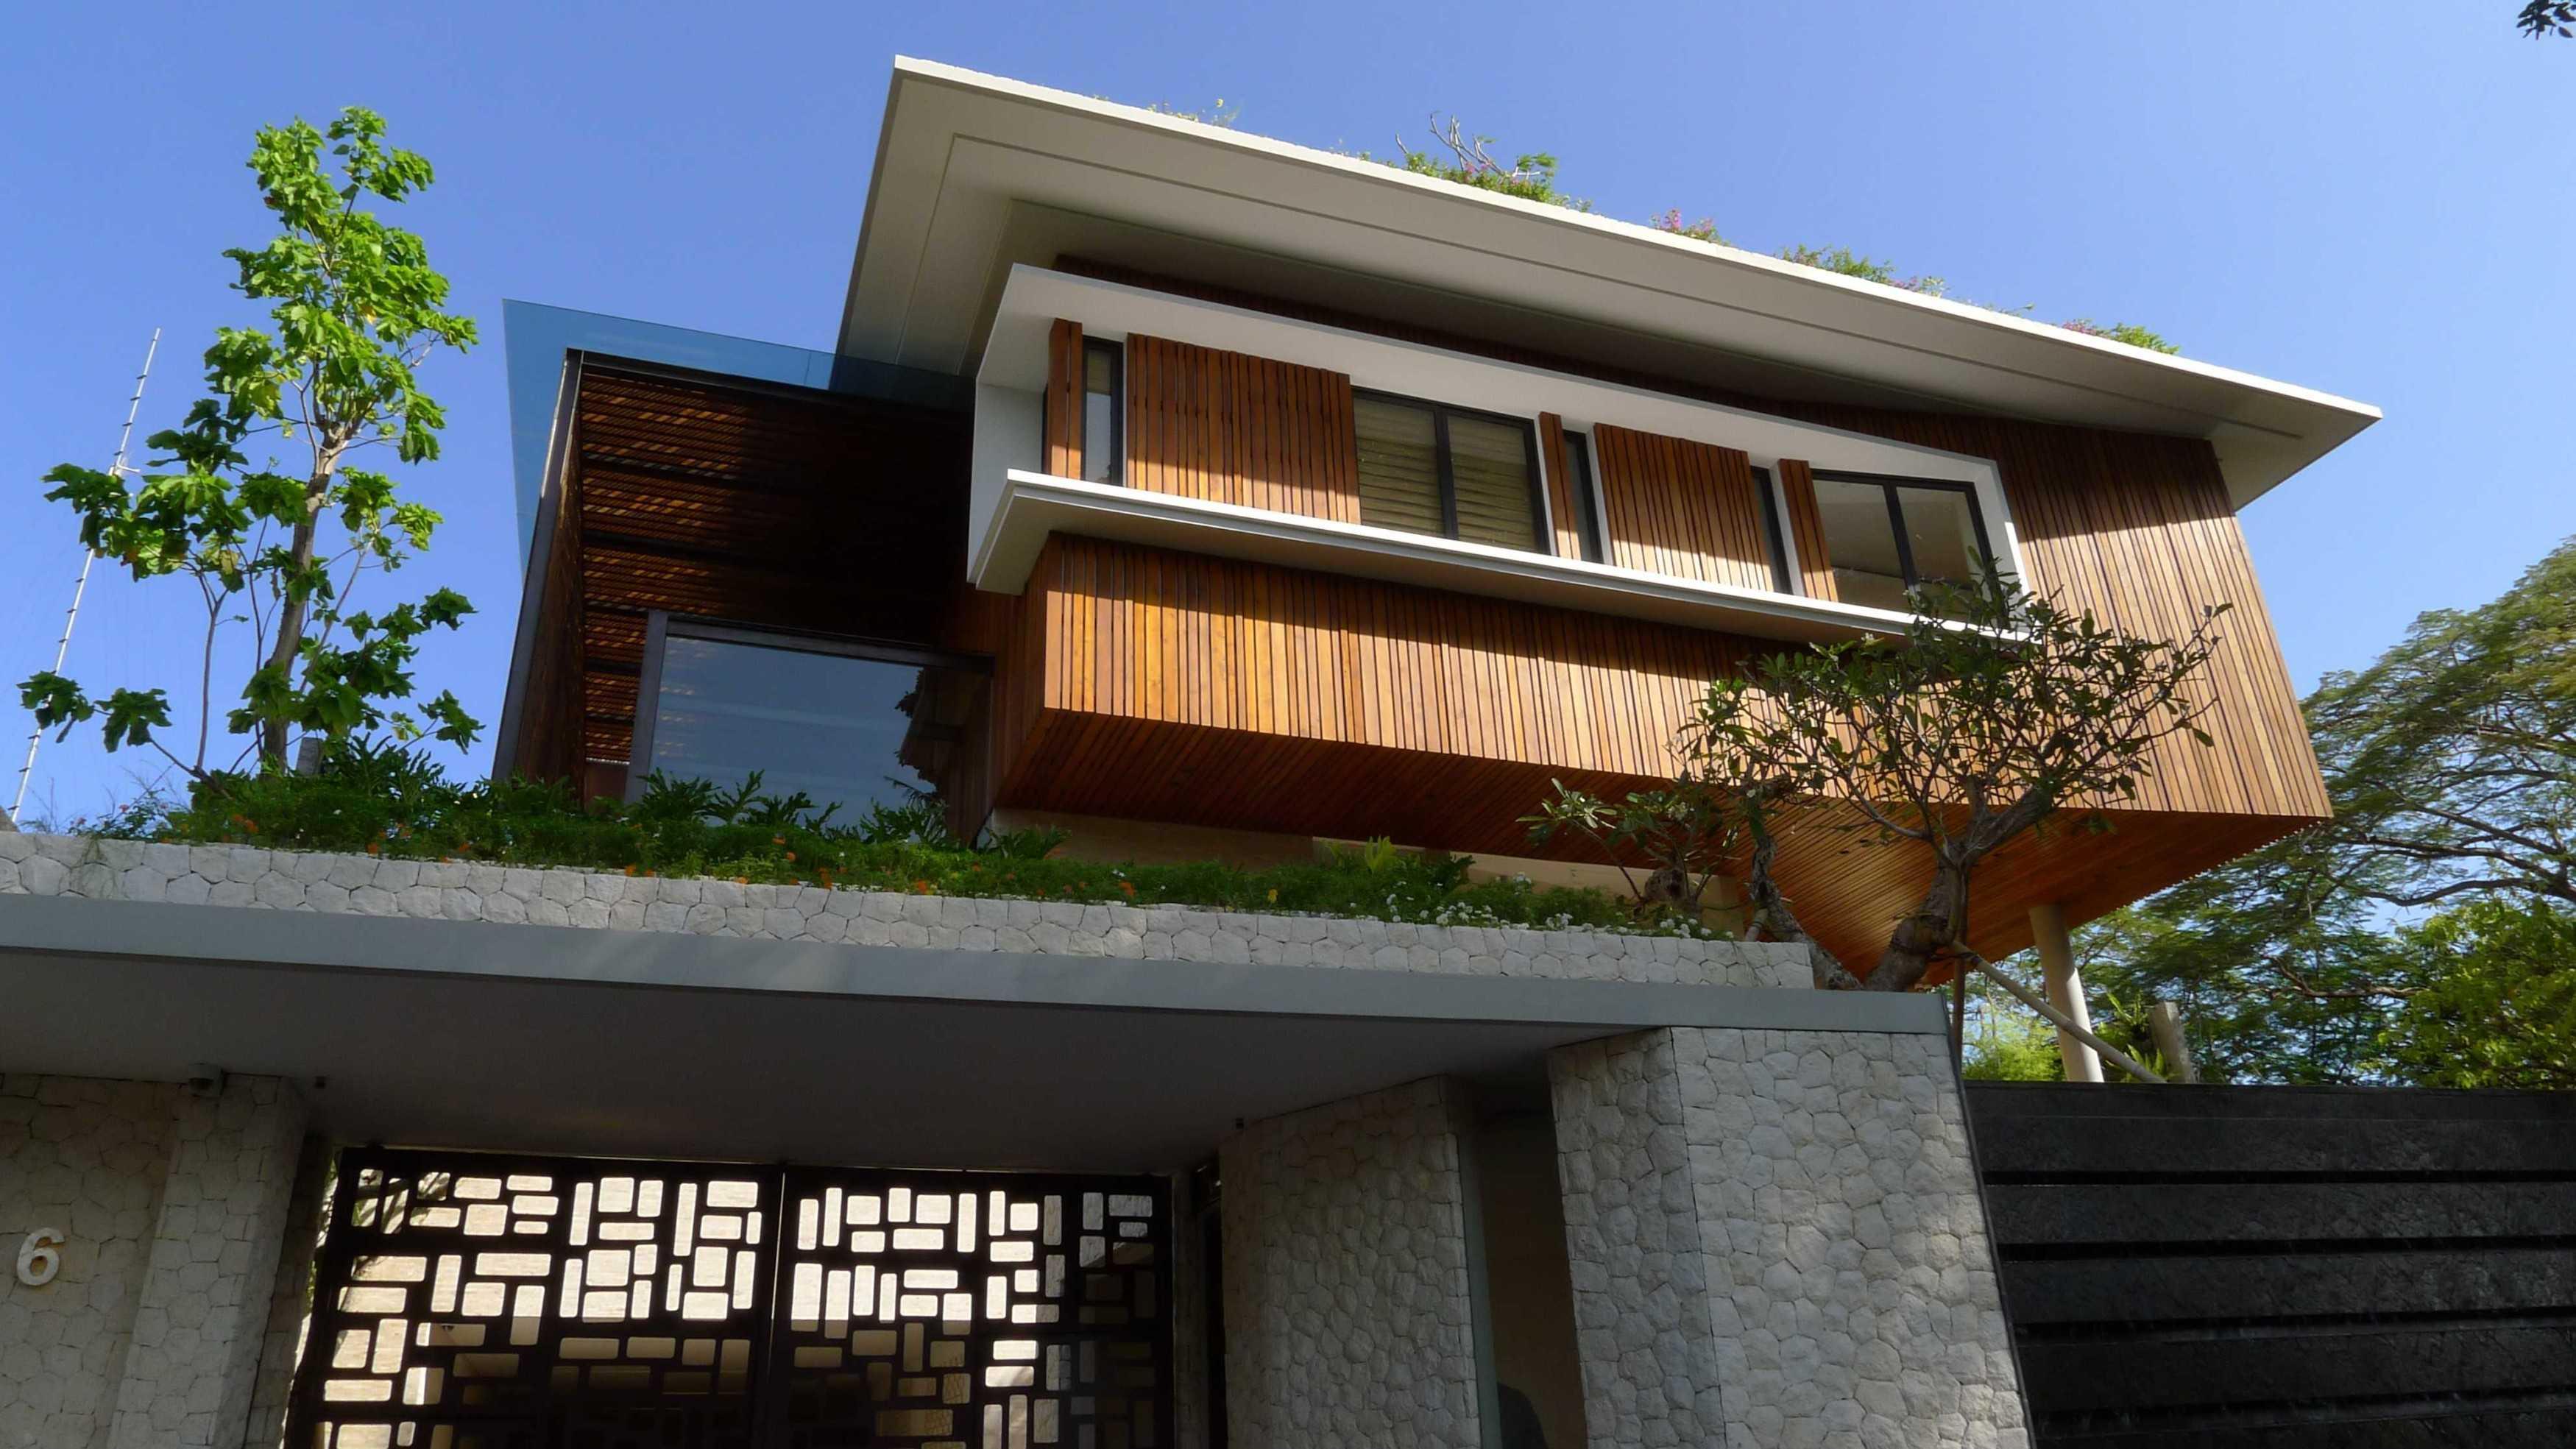 Han Awal & Partners Rumah Tinggal Sanur Bali  Bali Bali Facelift   16135